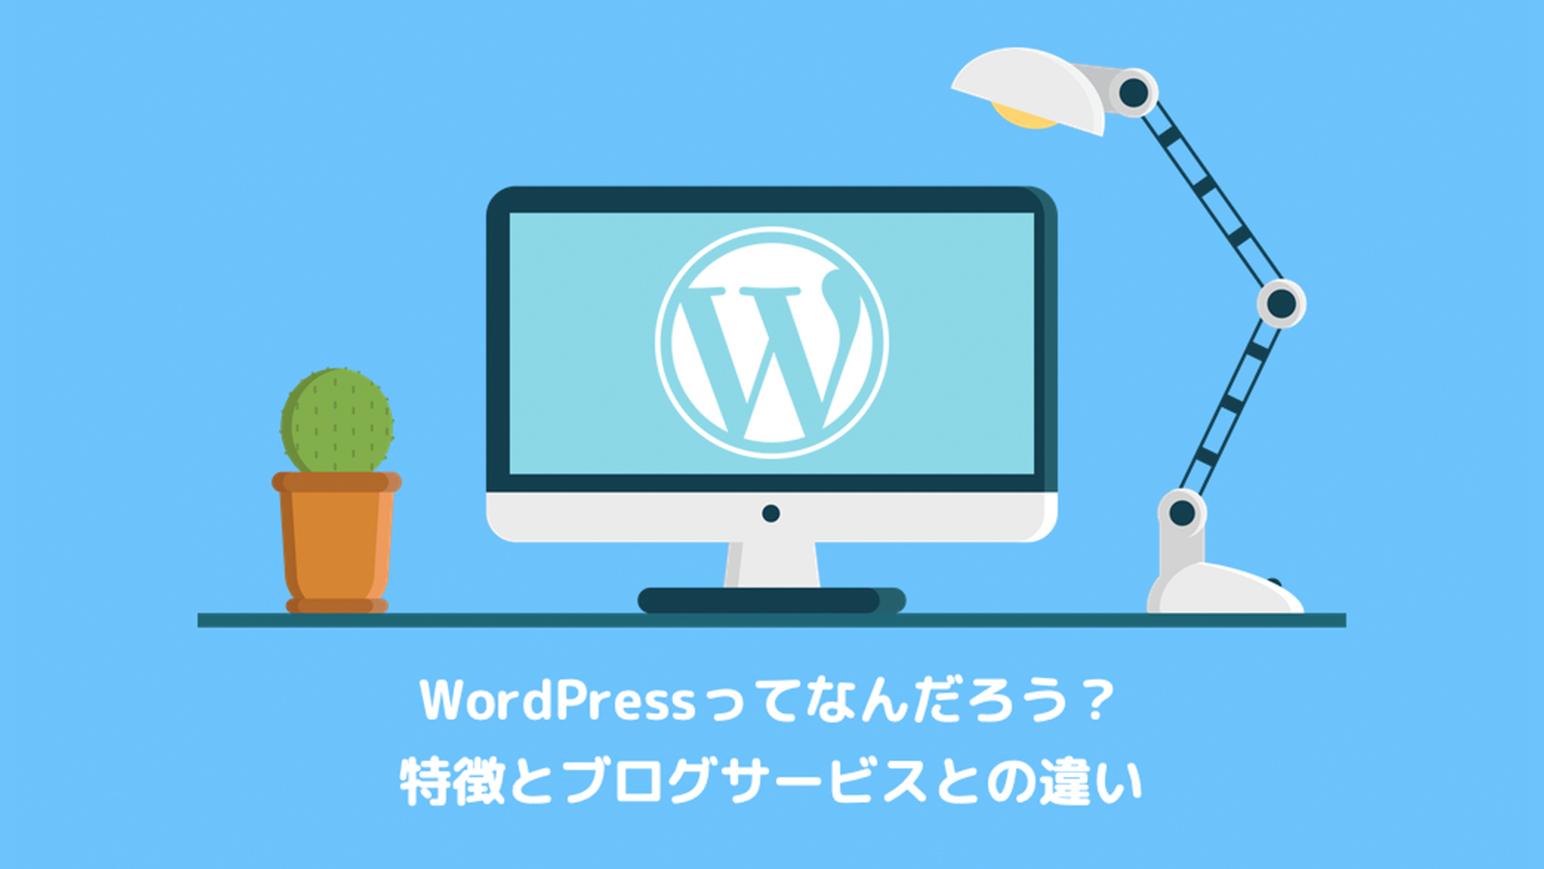 WordPressってなんだろう?特徴とブログサービスとの違いを解説のアイキャッチ